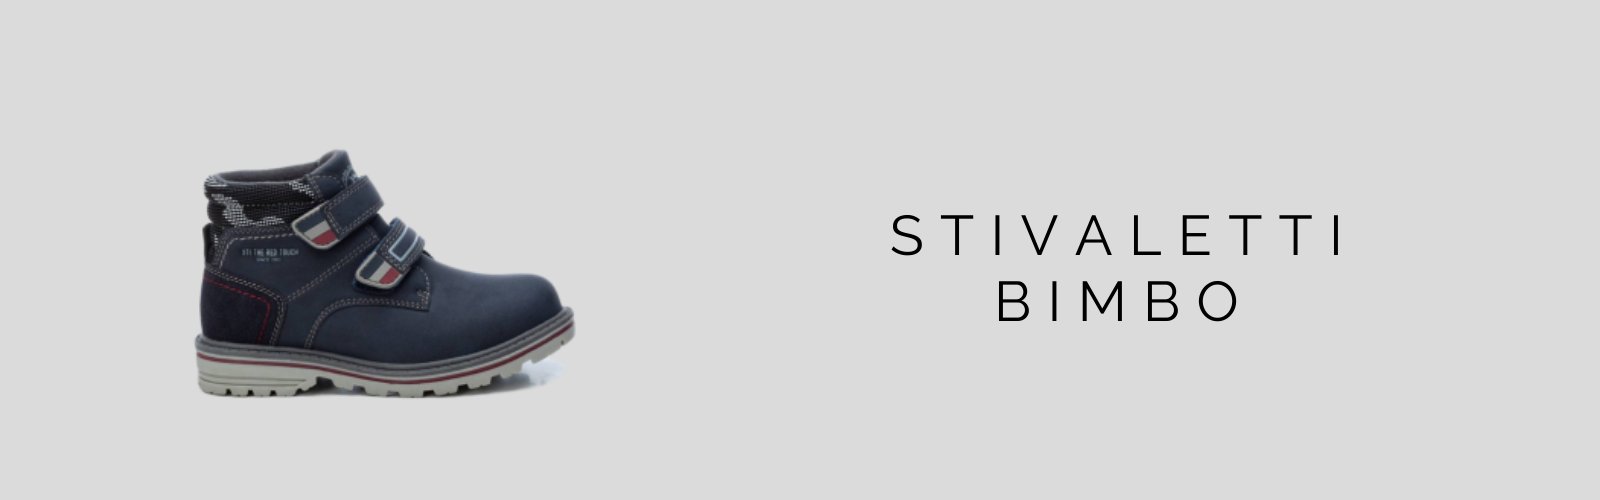 slider_stivali_bimbo